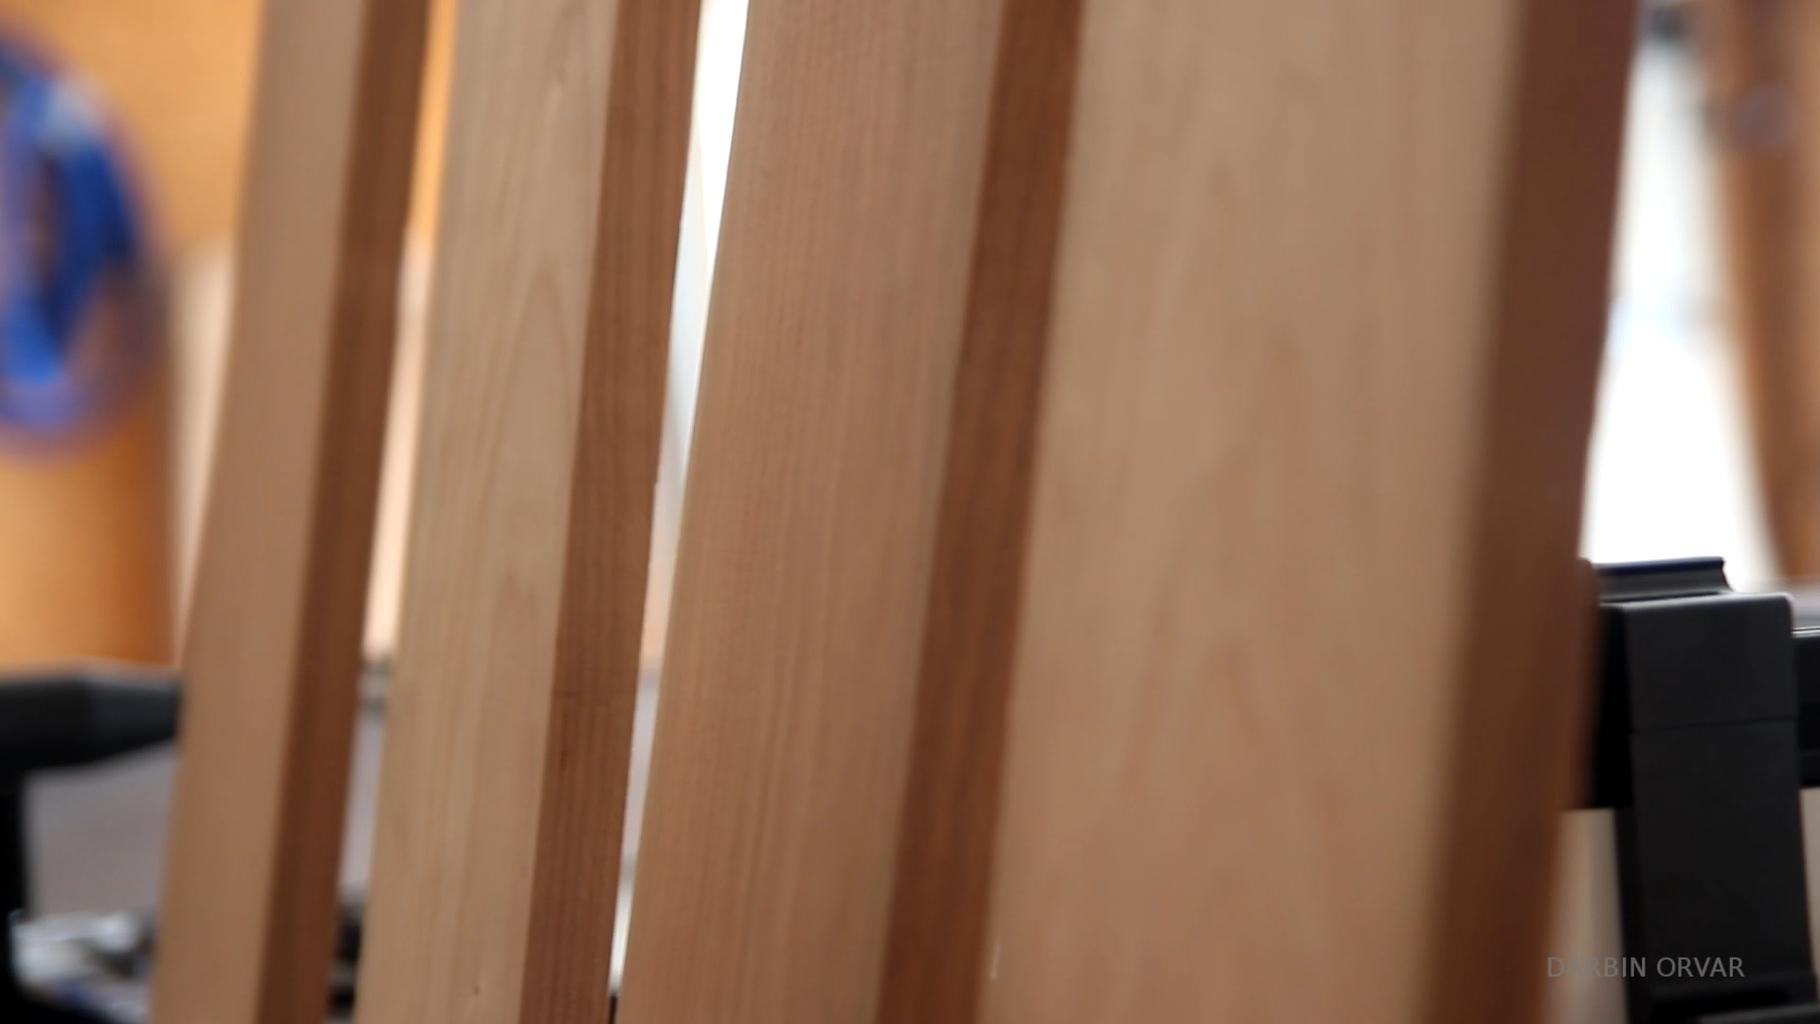 Profiling the Wood